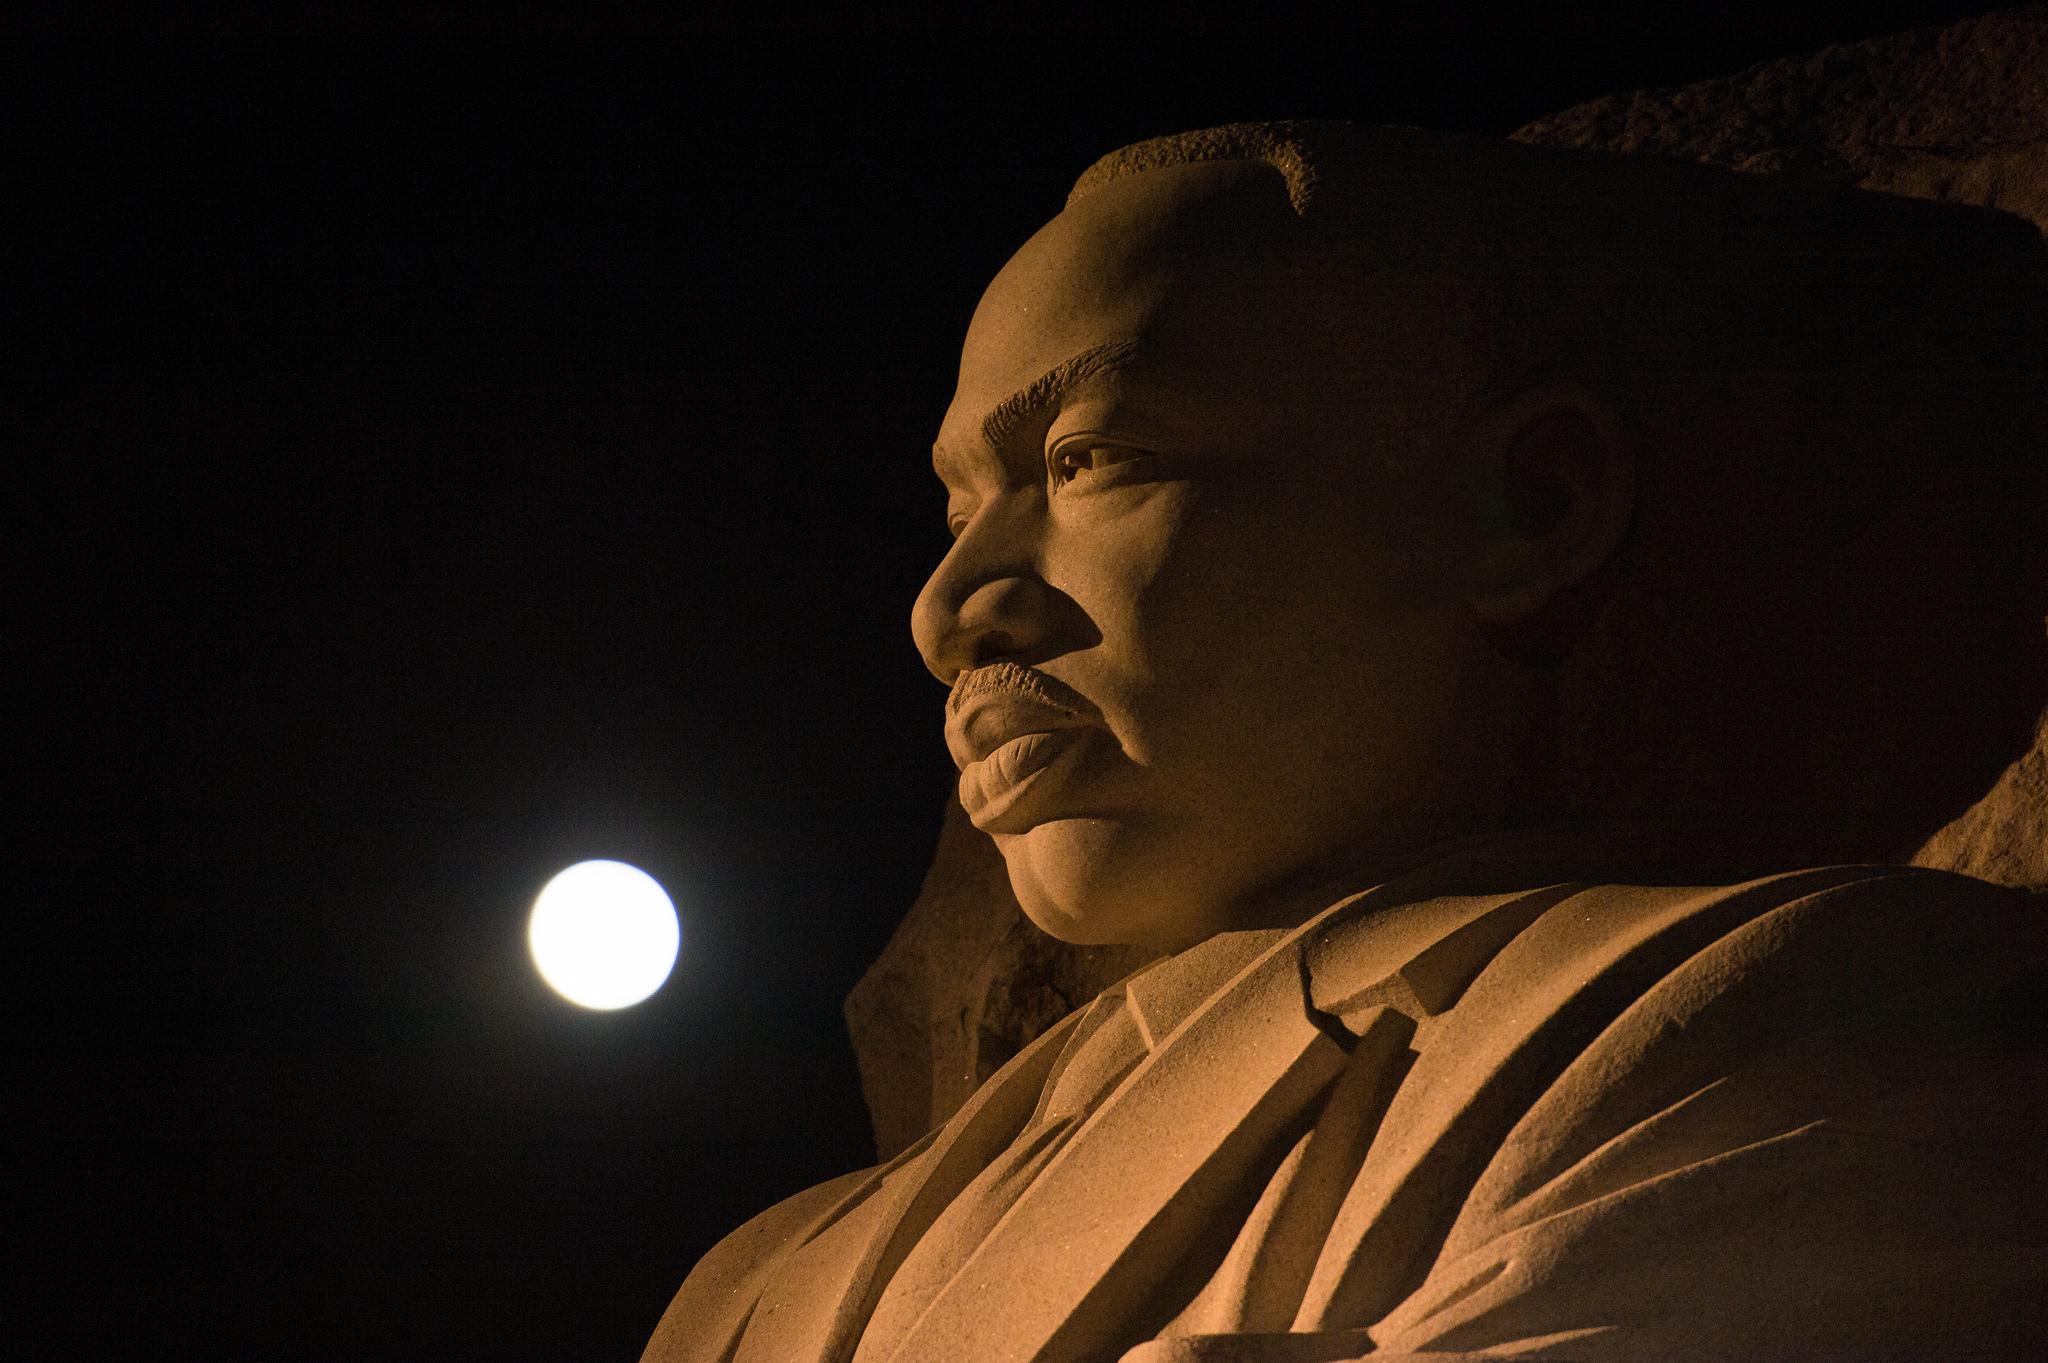 La lune, ou supermoon, est vue alors qu'elle se couche au-dessus du mémorial Martin Luther King Jr., lundi 14 novembre 2016 à Washington.